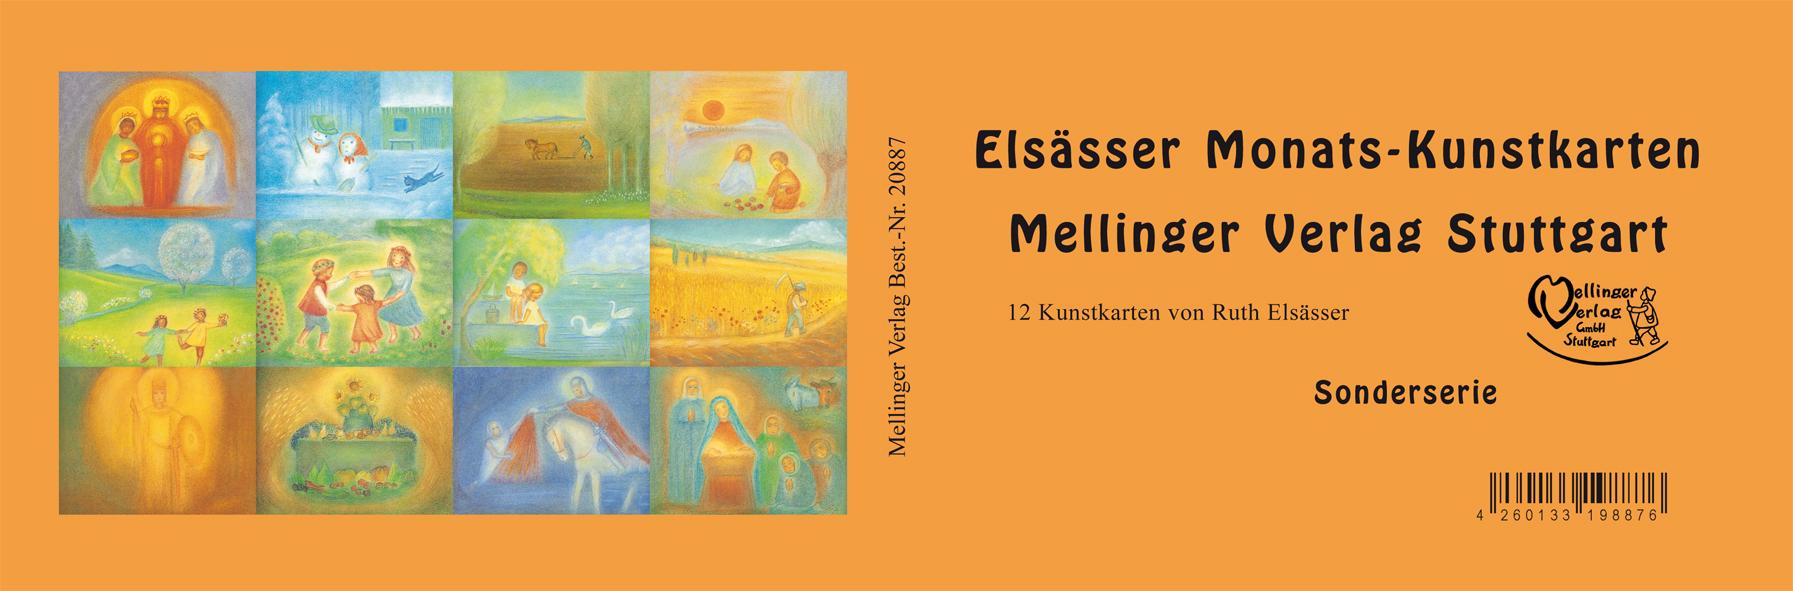 Elsässer Monats-Kunstkarten 12 Stück